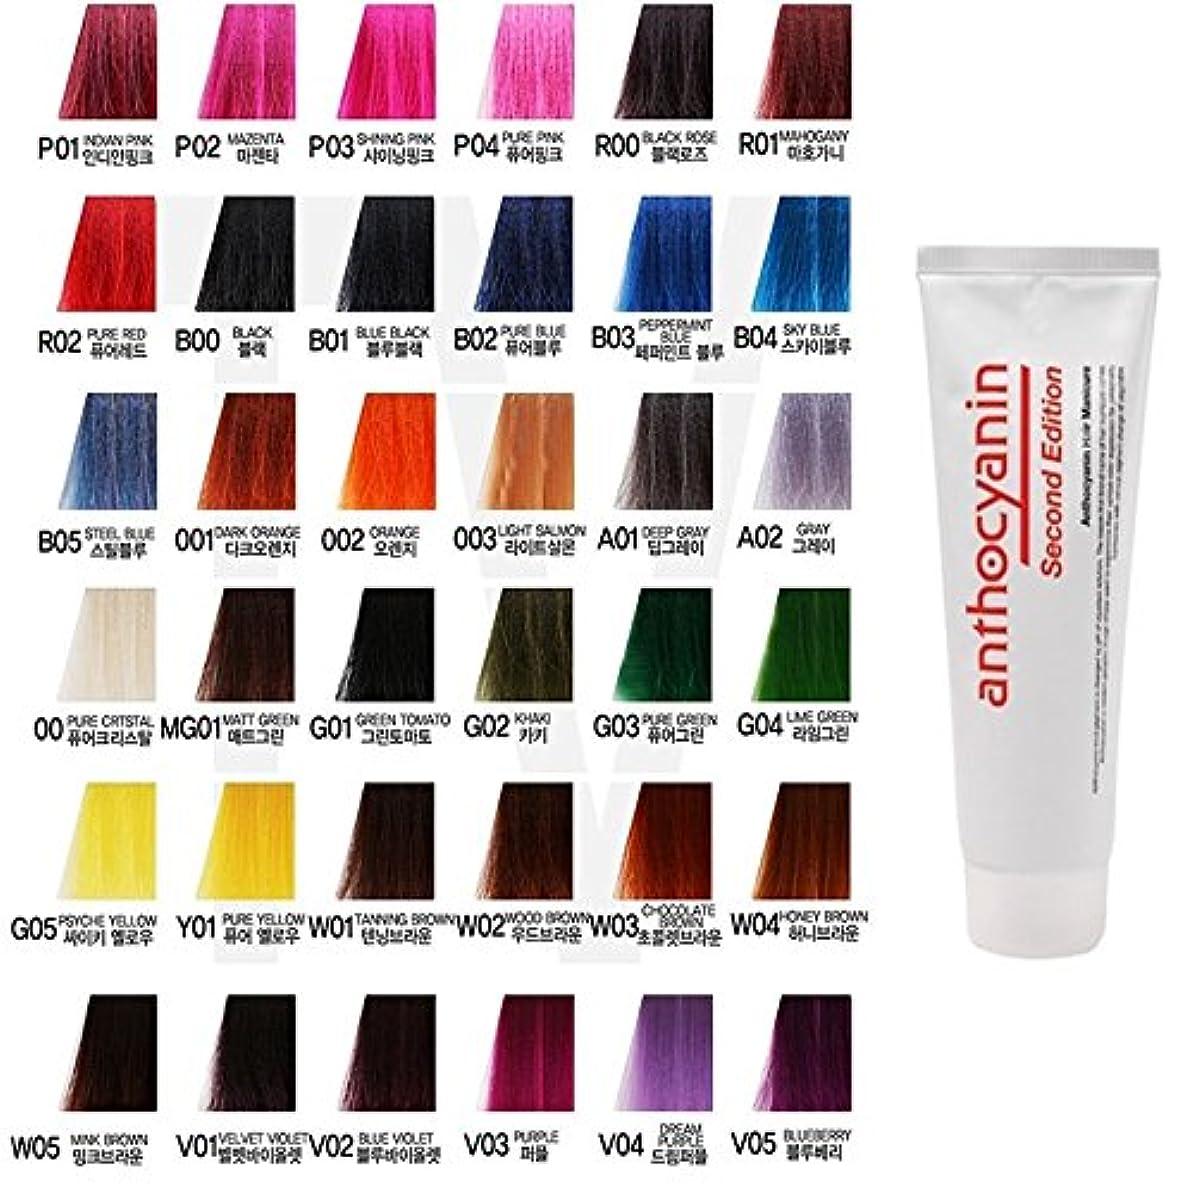 責フォージバラバラにするヘア マニキュア カラー セカンド エディション 230g セミ パーマネント 染毛剤 ( Hair Manicure Color Second Edition 230g Semi Permanent Hair Dye) [並行輸入品] (O12 Coral Orange)